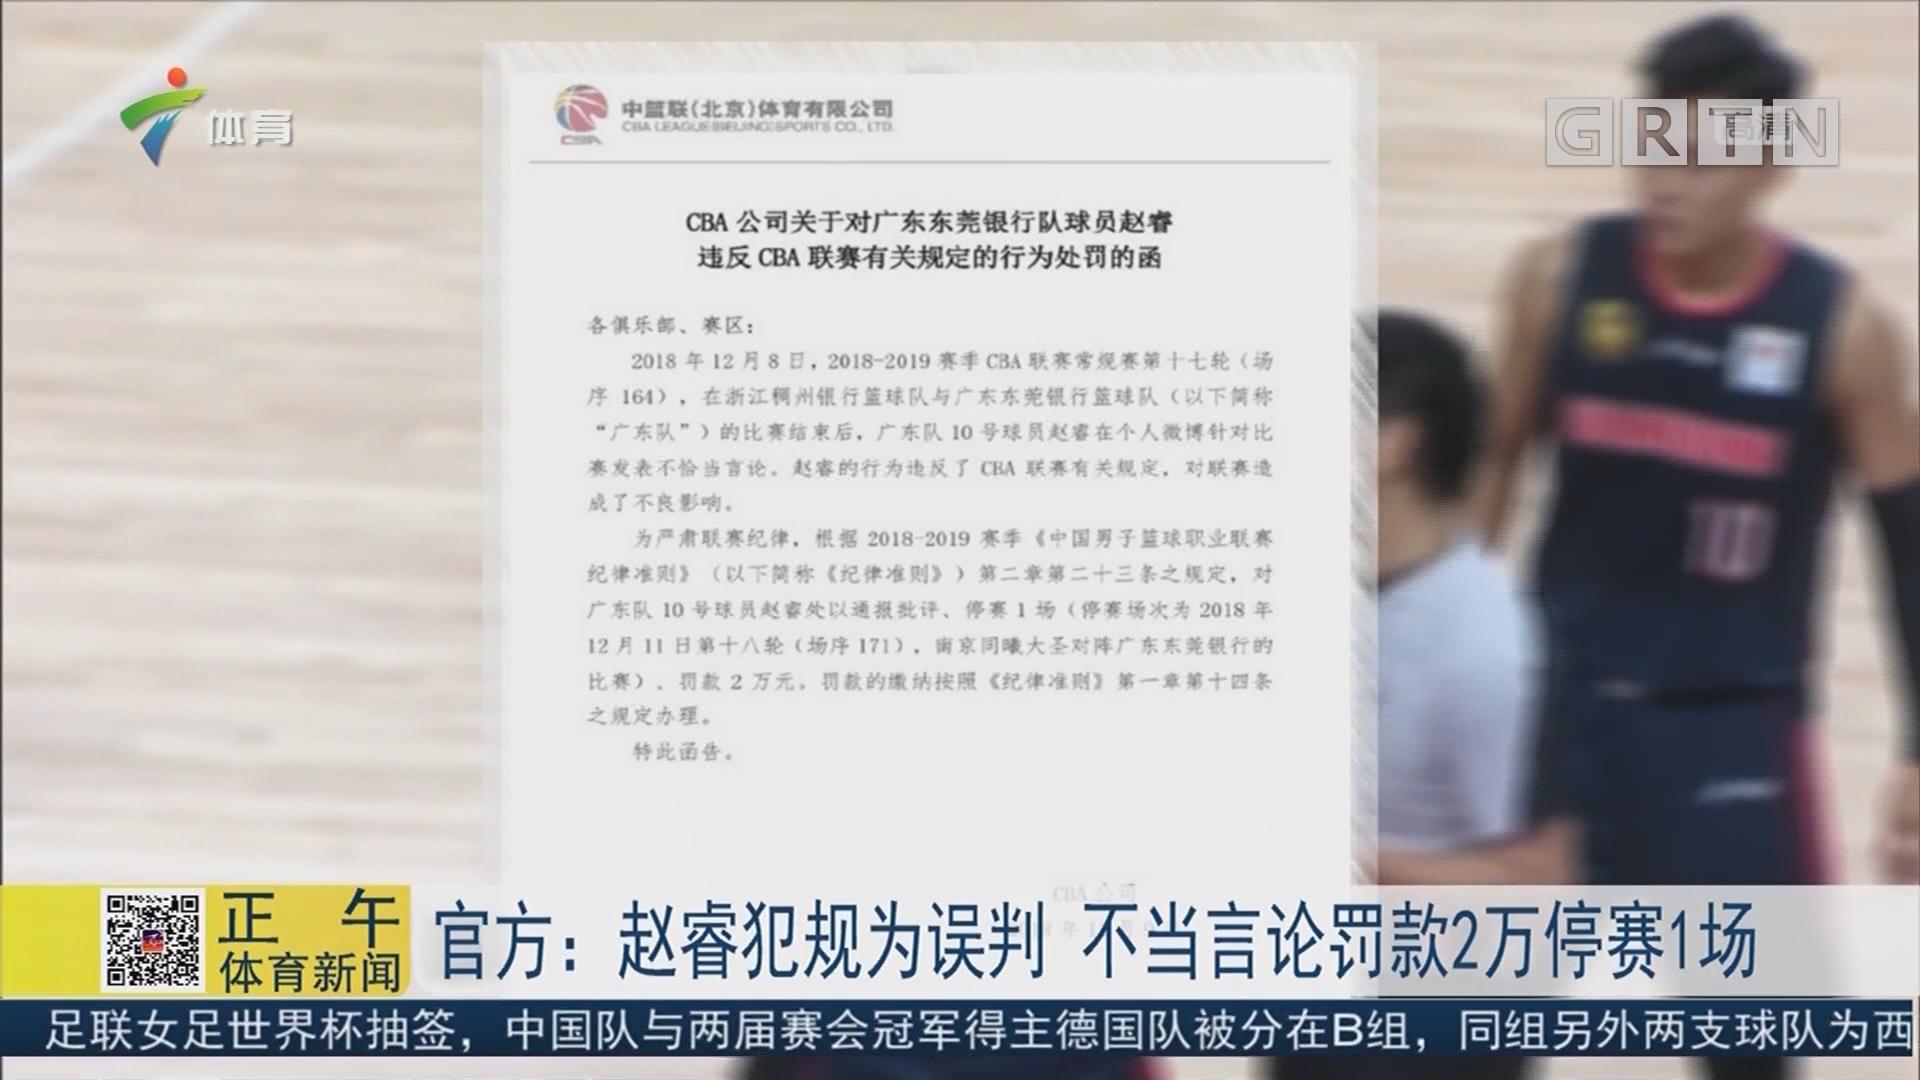 官方:赵睿犯规为误判 不当言论罚款2万停赛1场